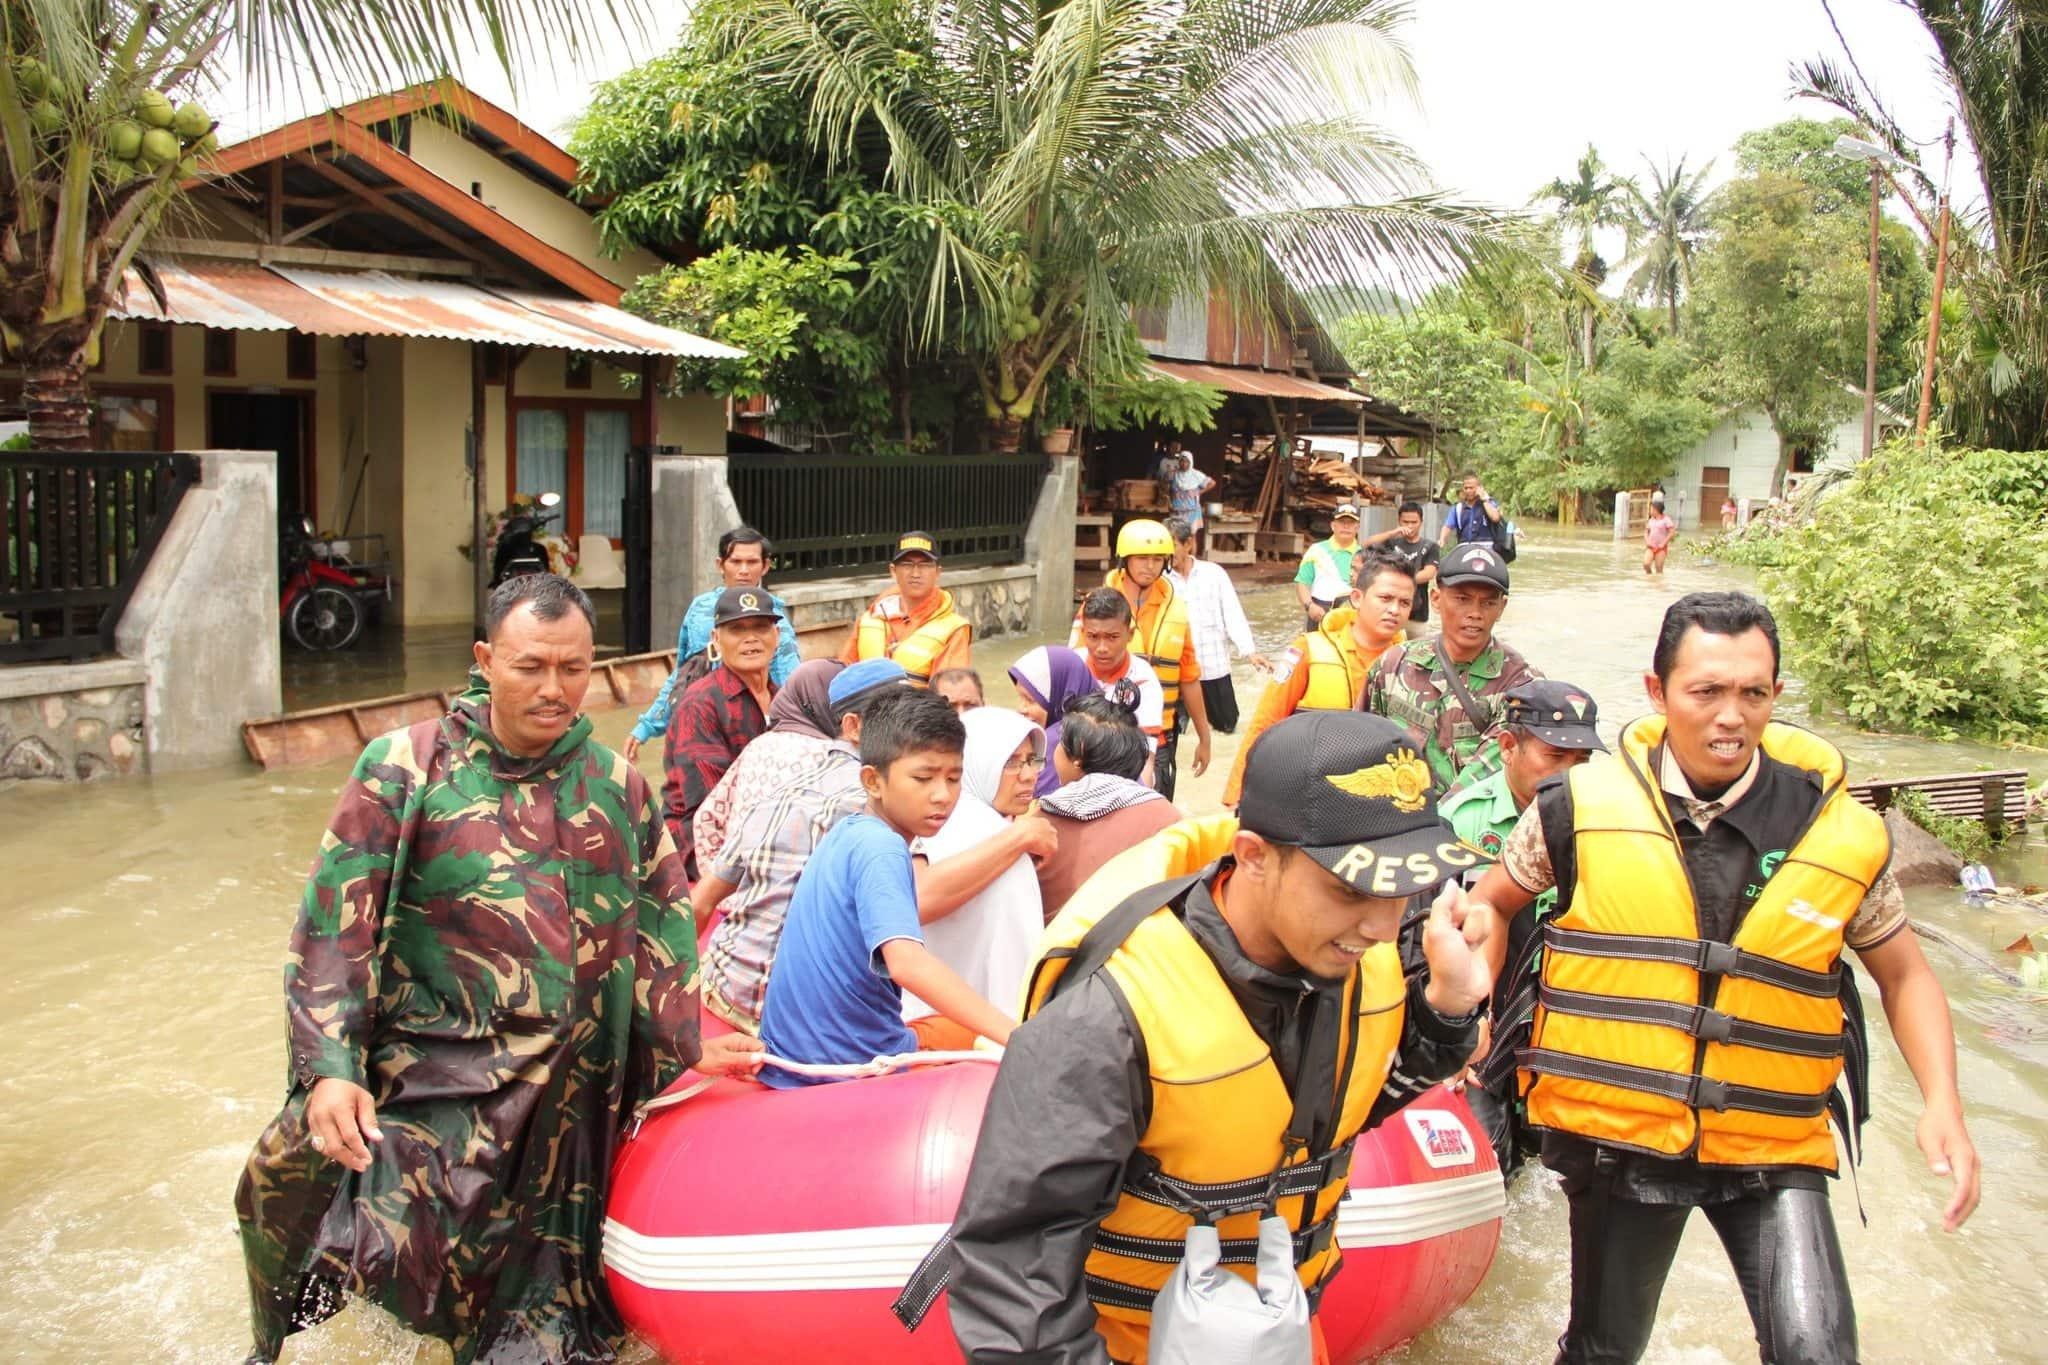 Kodam IM Tanggab Bencana Banjir